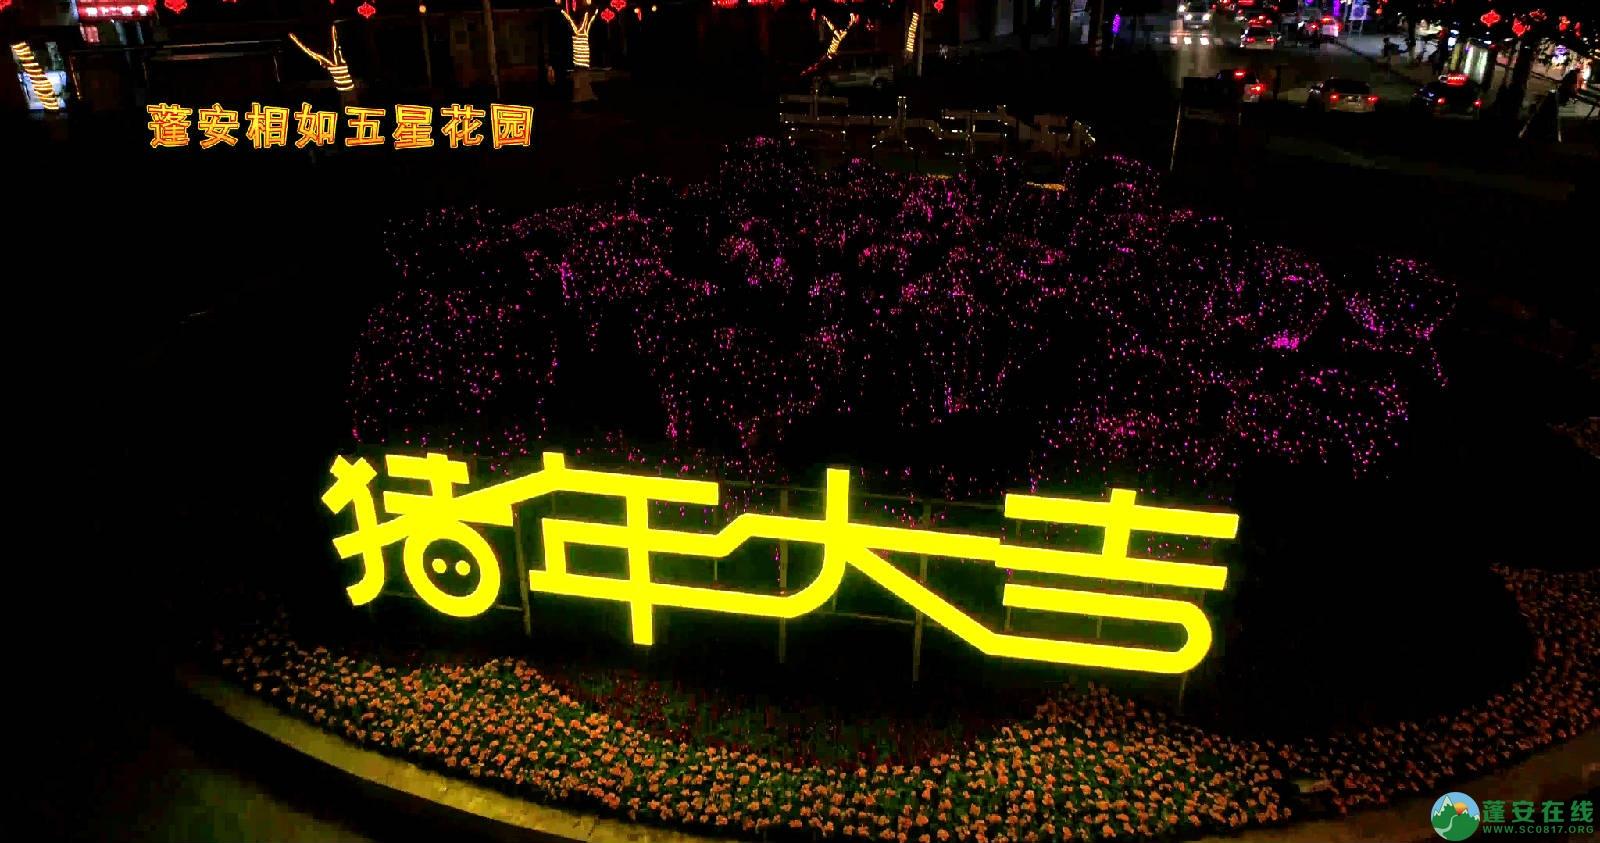 临近春节的蓬安夜色 - 第7张  | 蓬安在线